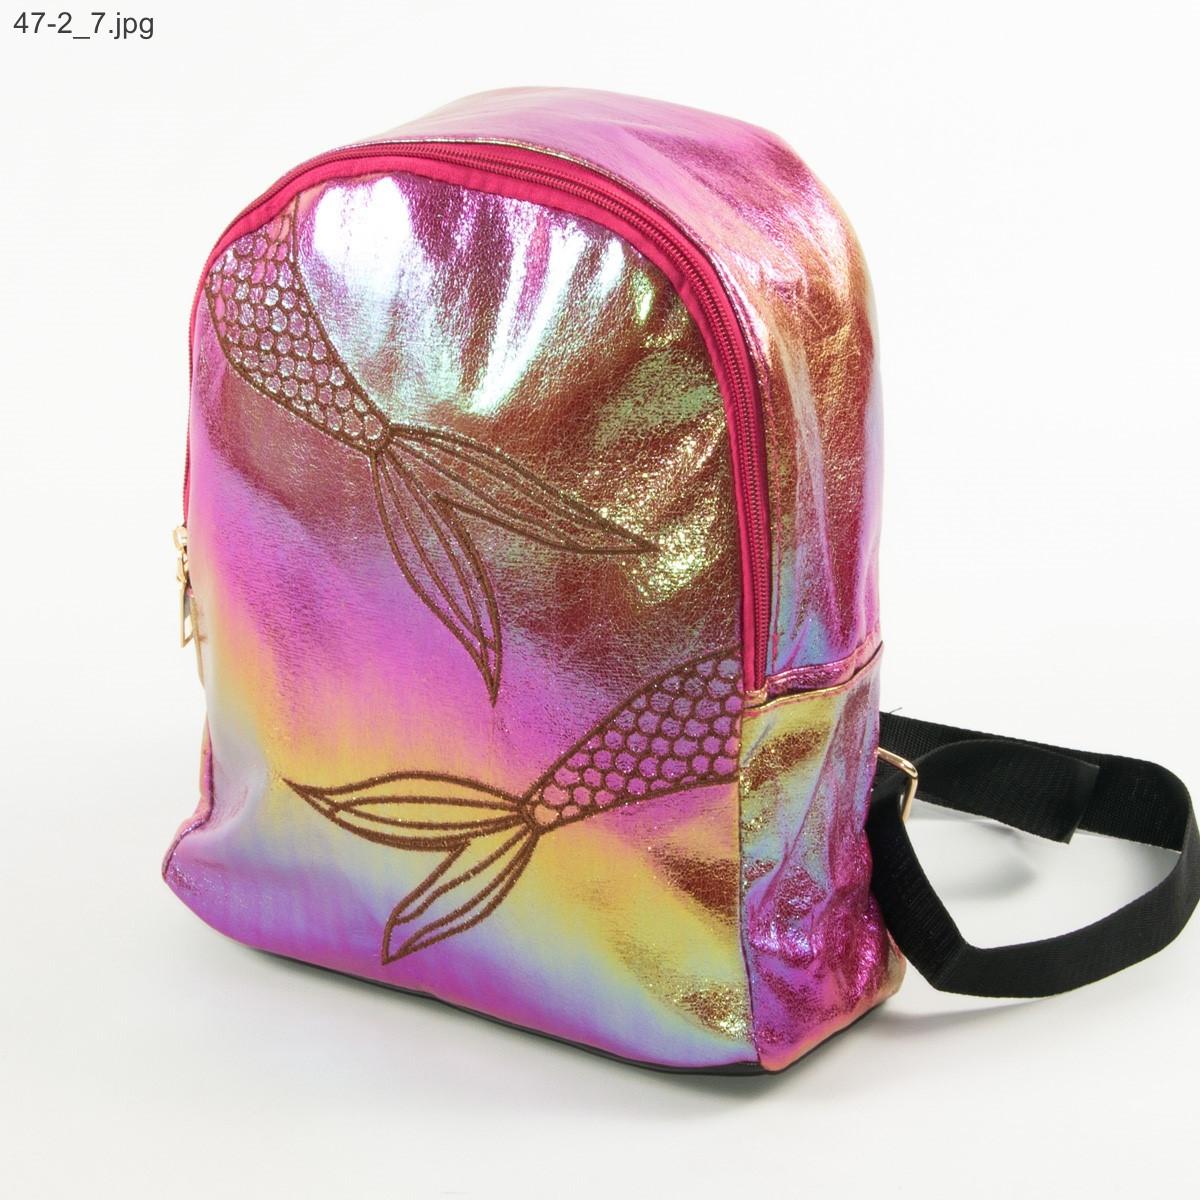 Подростковый рюкзак для девочек - №19-47-2 - Малиновый